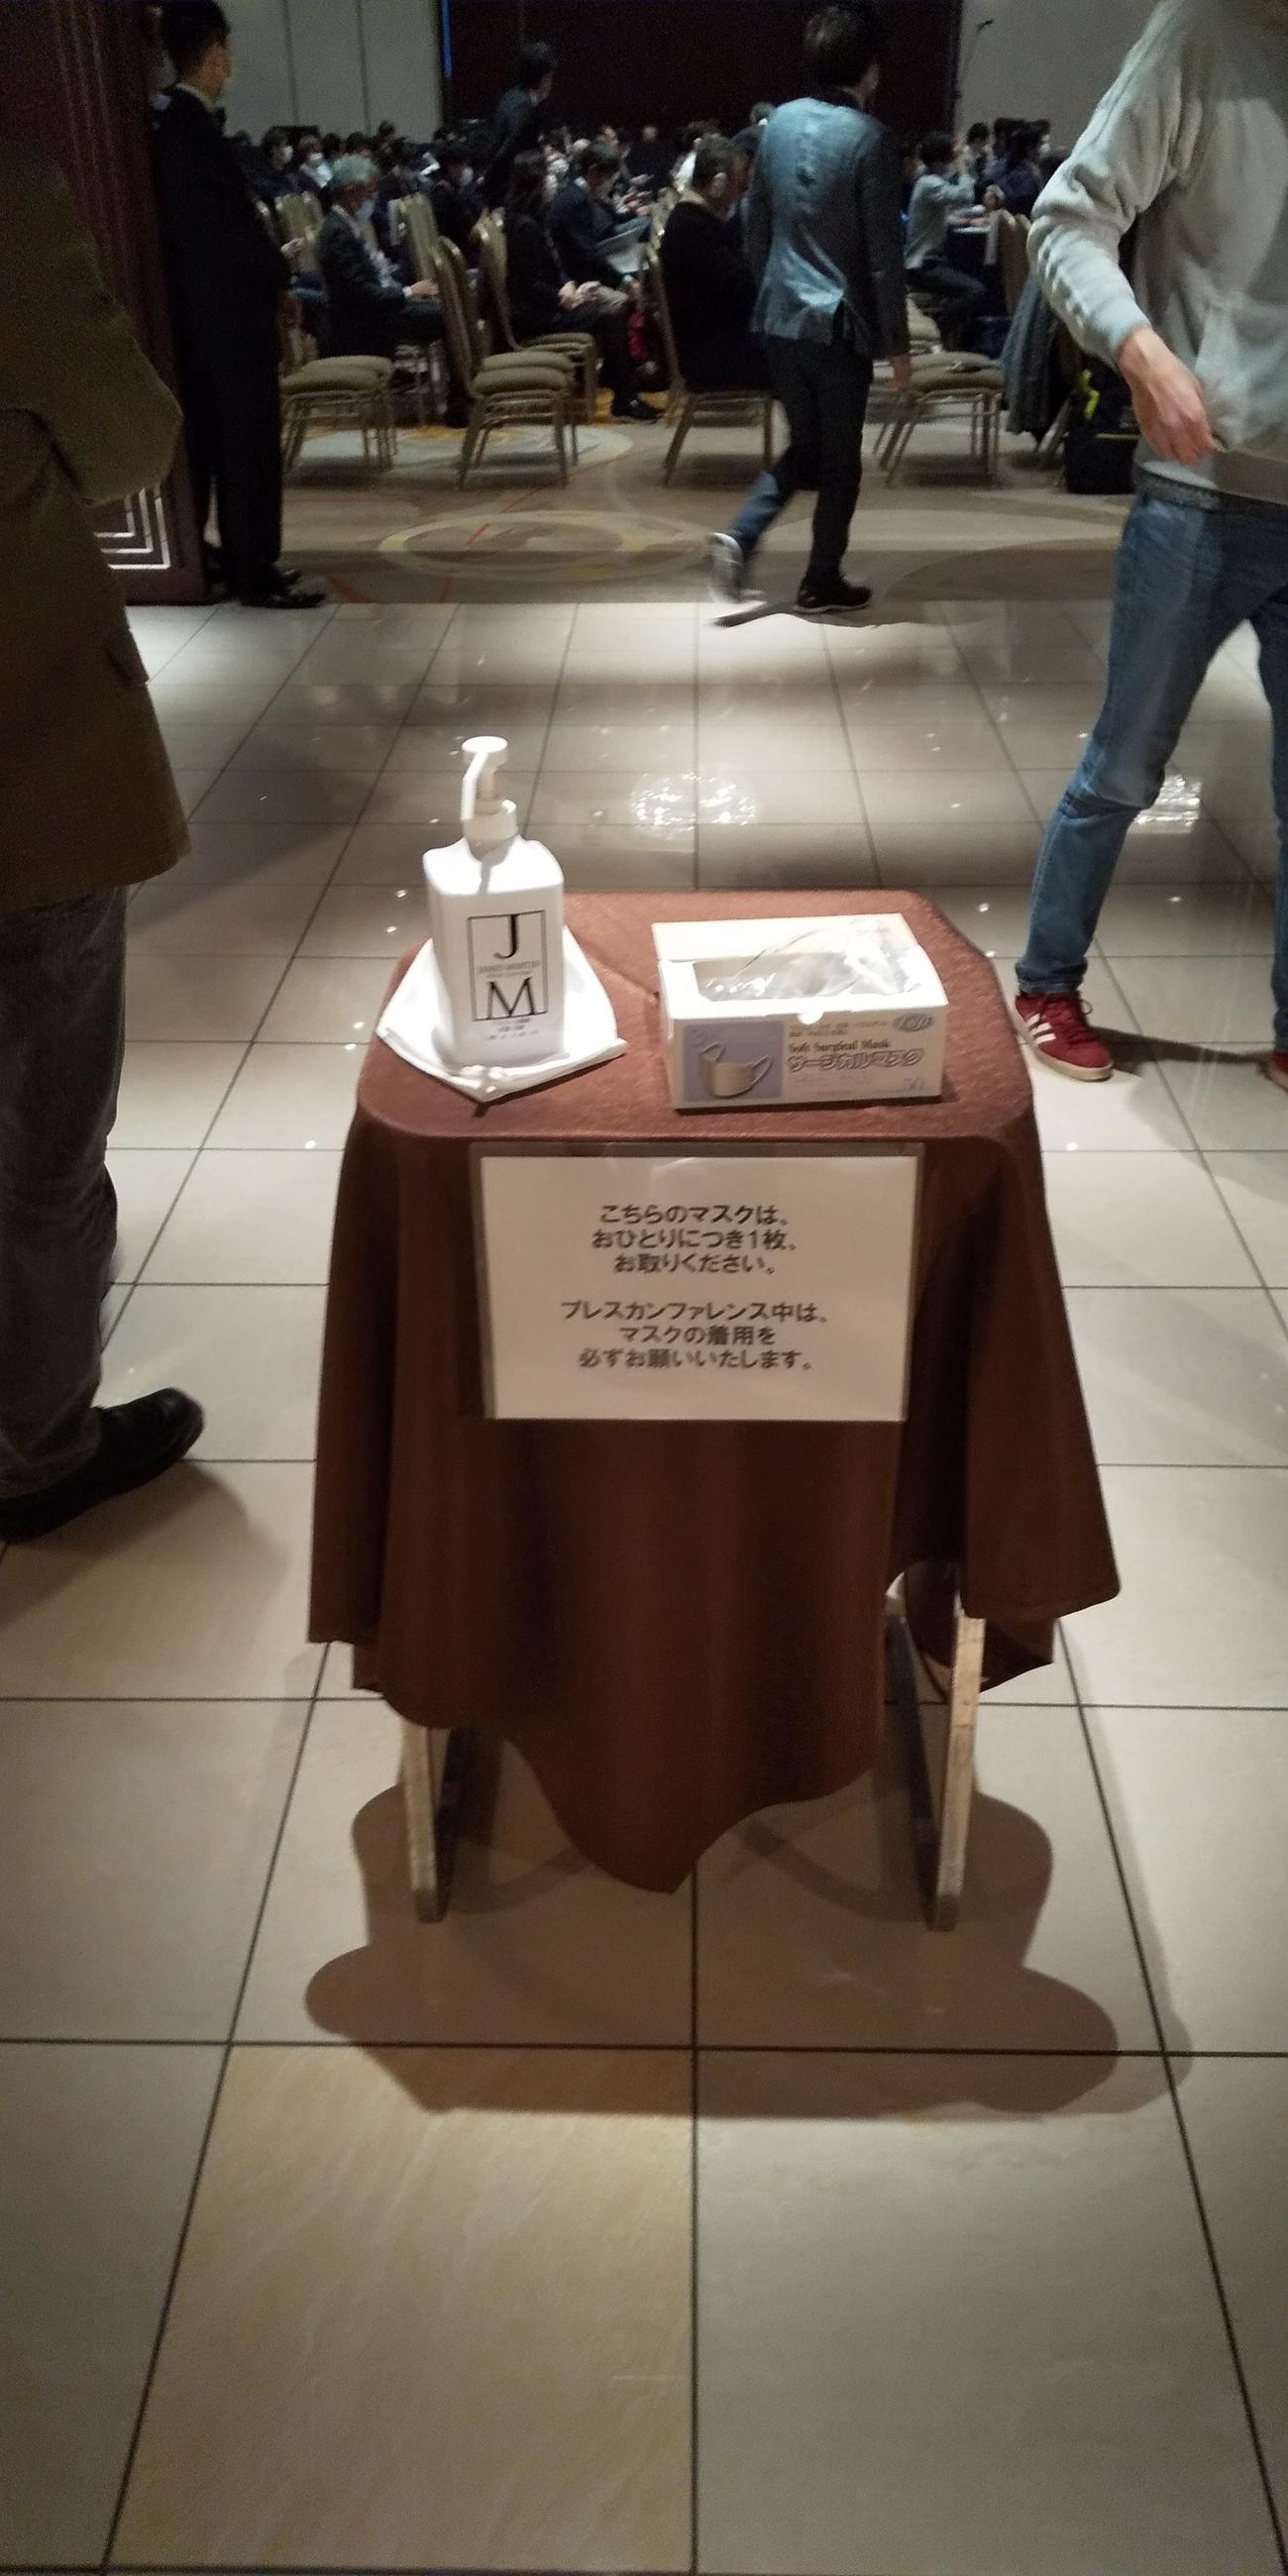 東京マラソンの有力選手会見では、新型コロナウイルス対策として、入り口にアルコール消毒液とマスクが設置された(撮影・益田一弘)